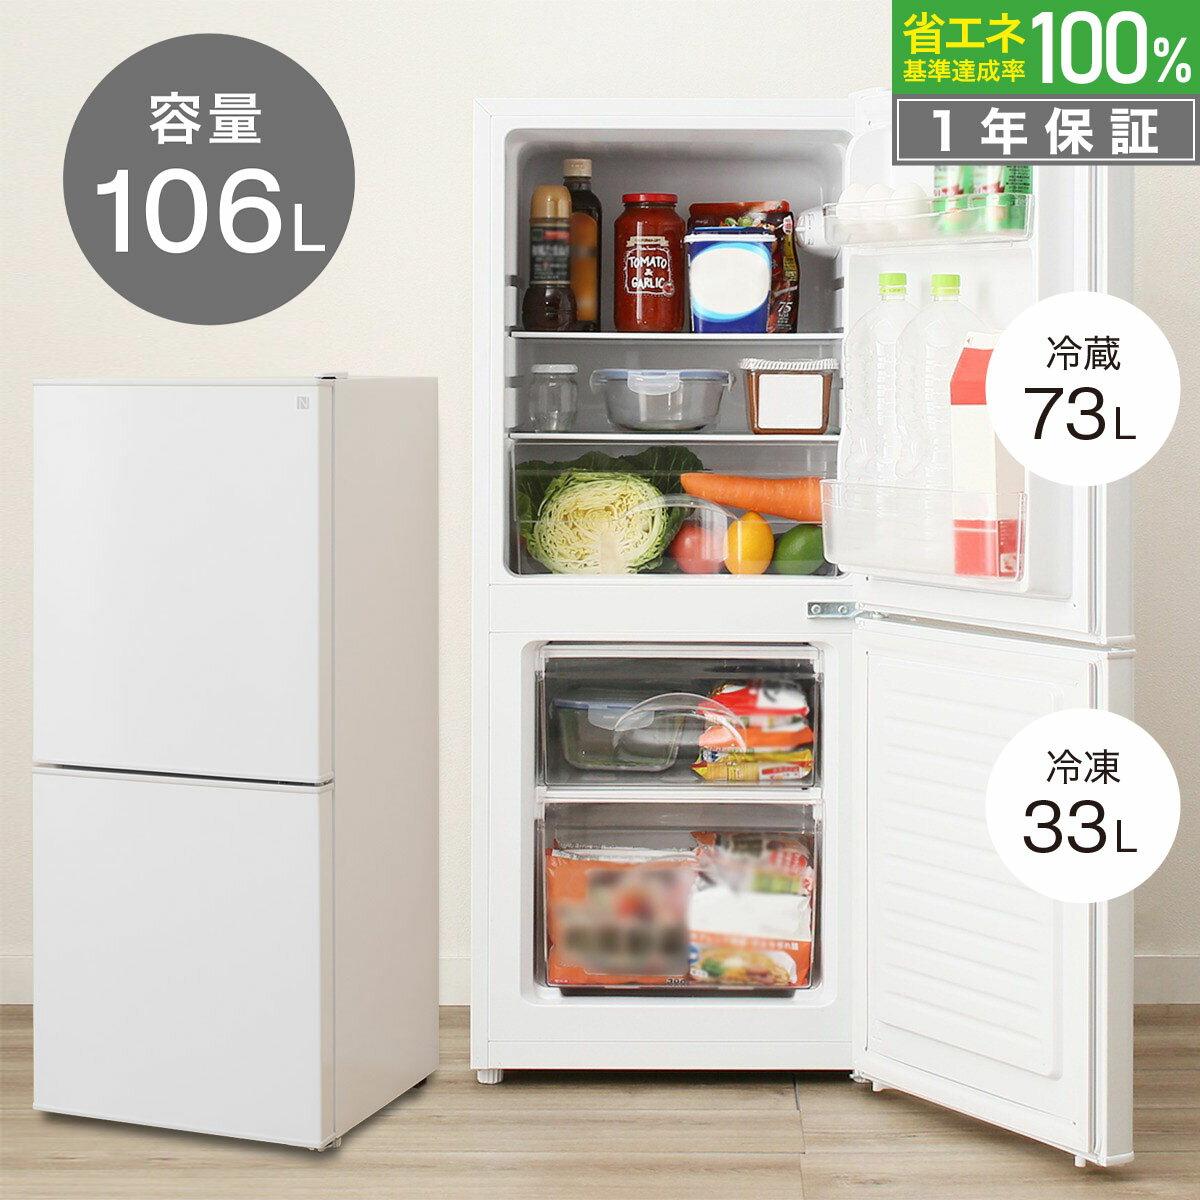 106リットル直冷式2ドア冷蔵庫 Nグラシア